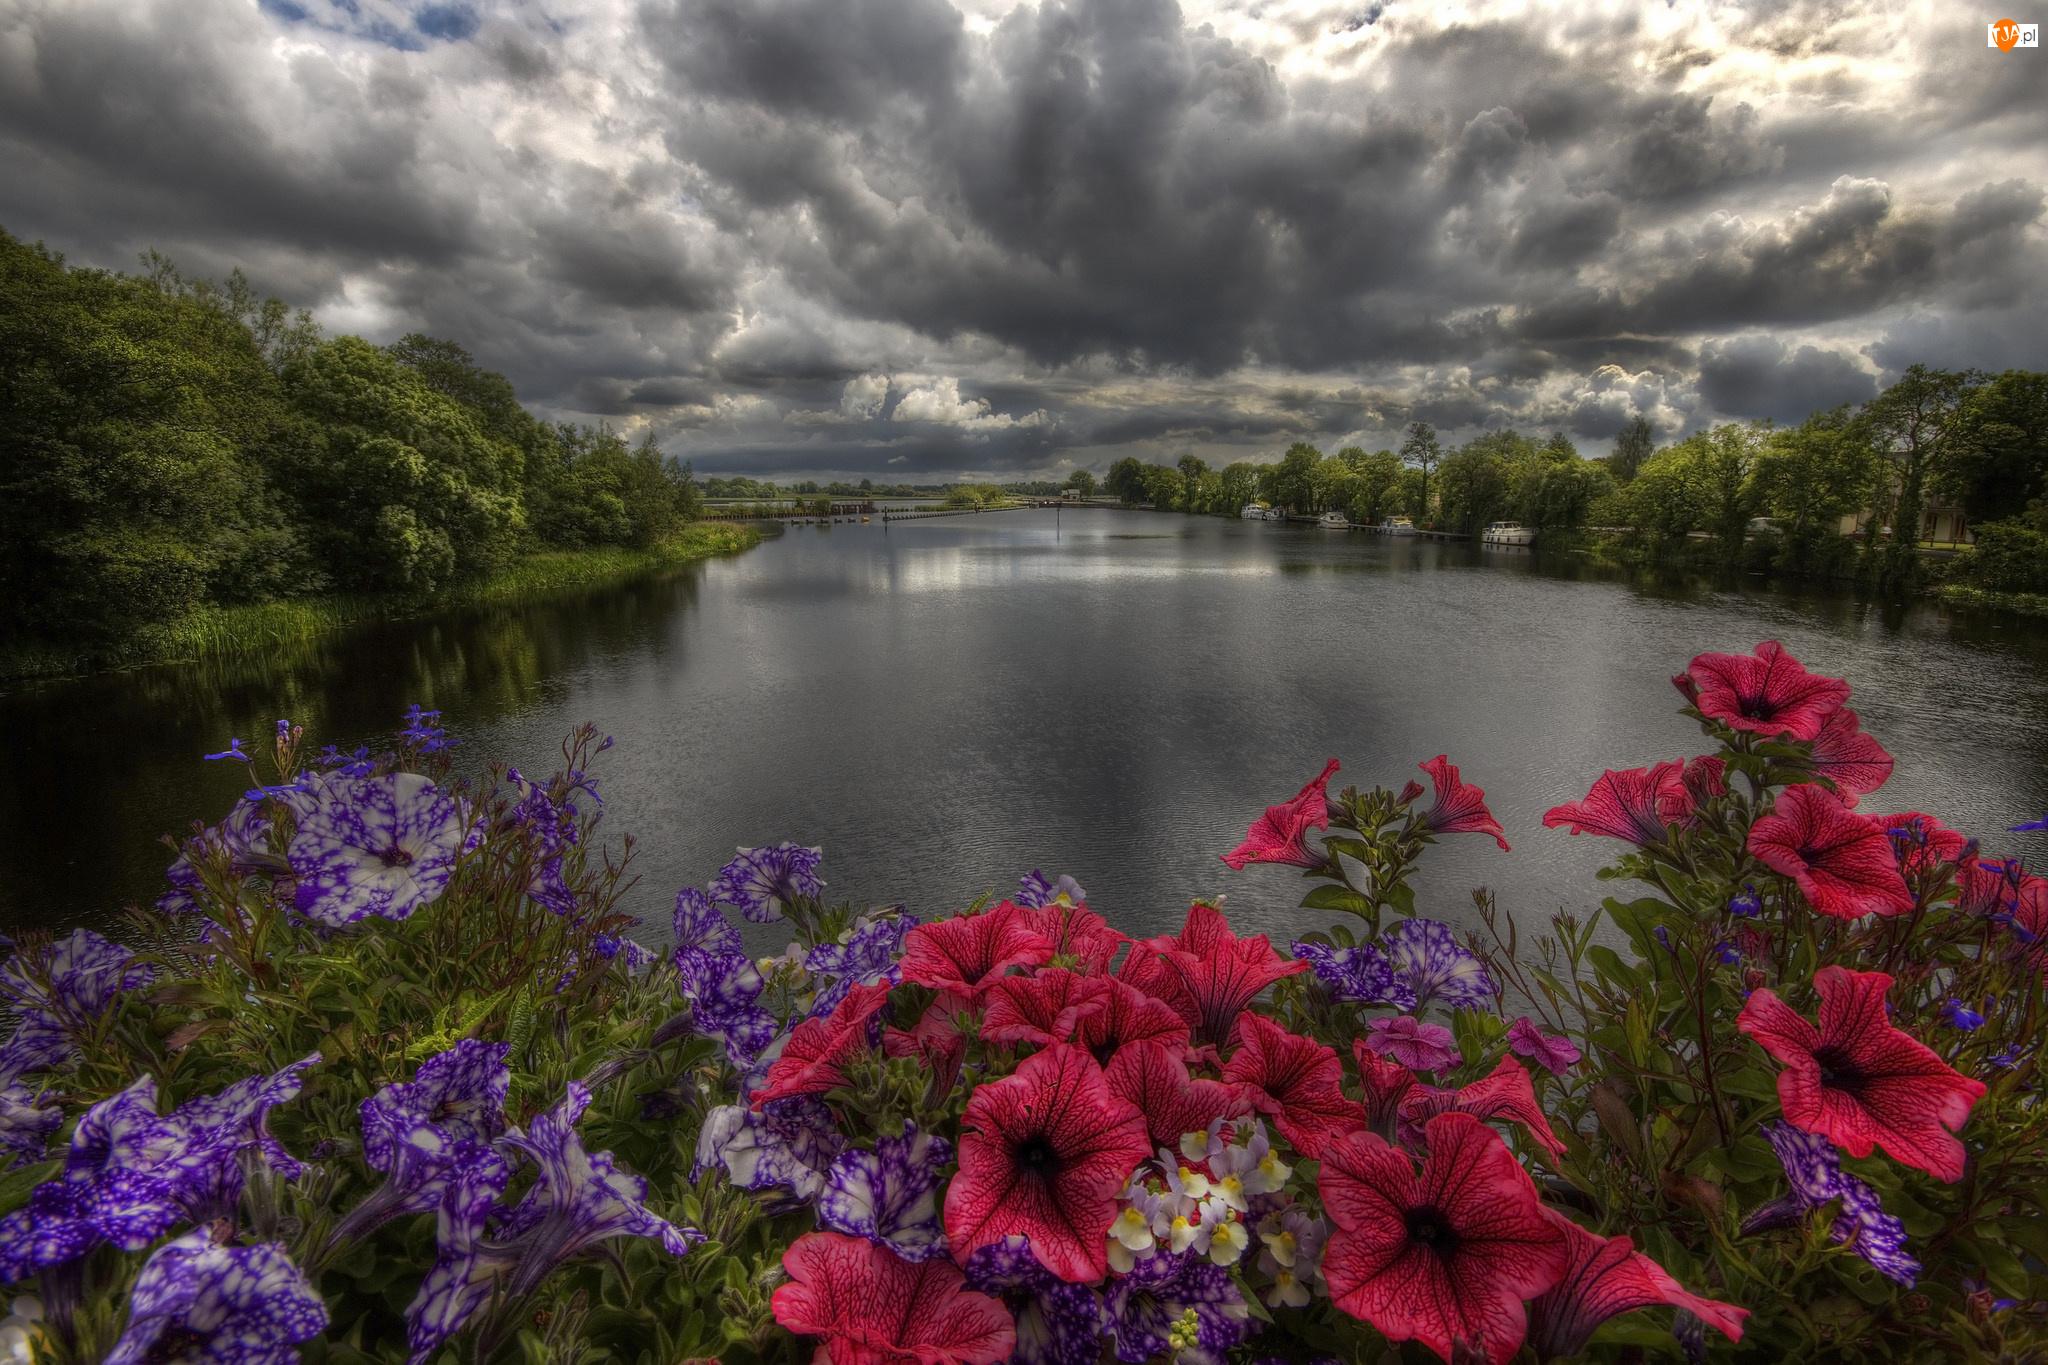 Rzeka, Petunia ogrodowa, Drzewa, Kwiaty